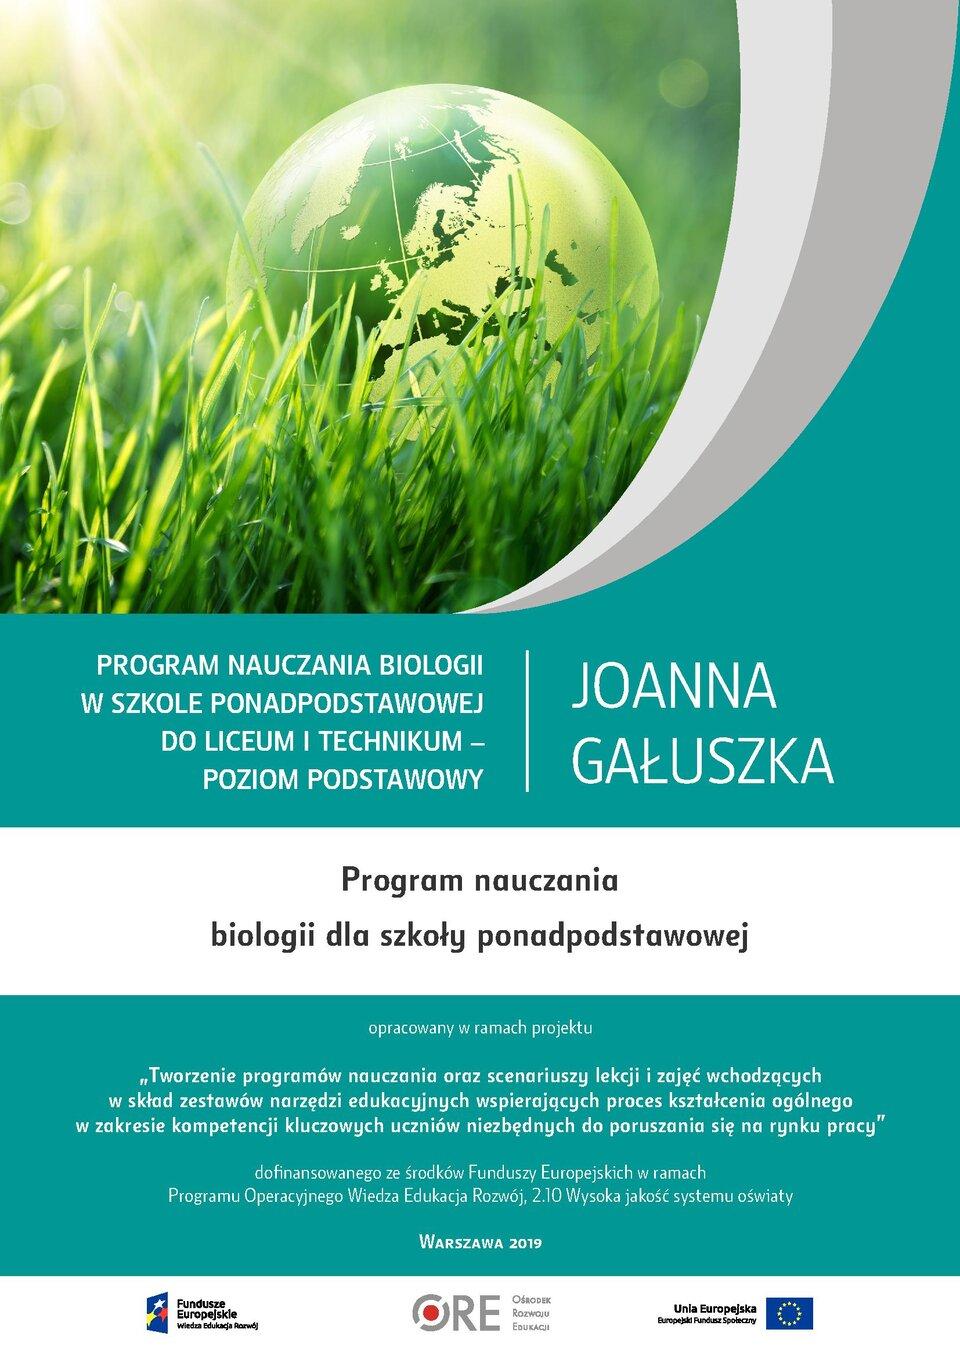 Pobierz plik: program-nauczania-biologii-pn.-program-nauczania-biologii-w-szkole-ponadpodstawowej-do-liceu.pdf